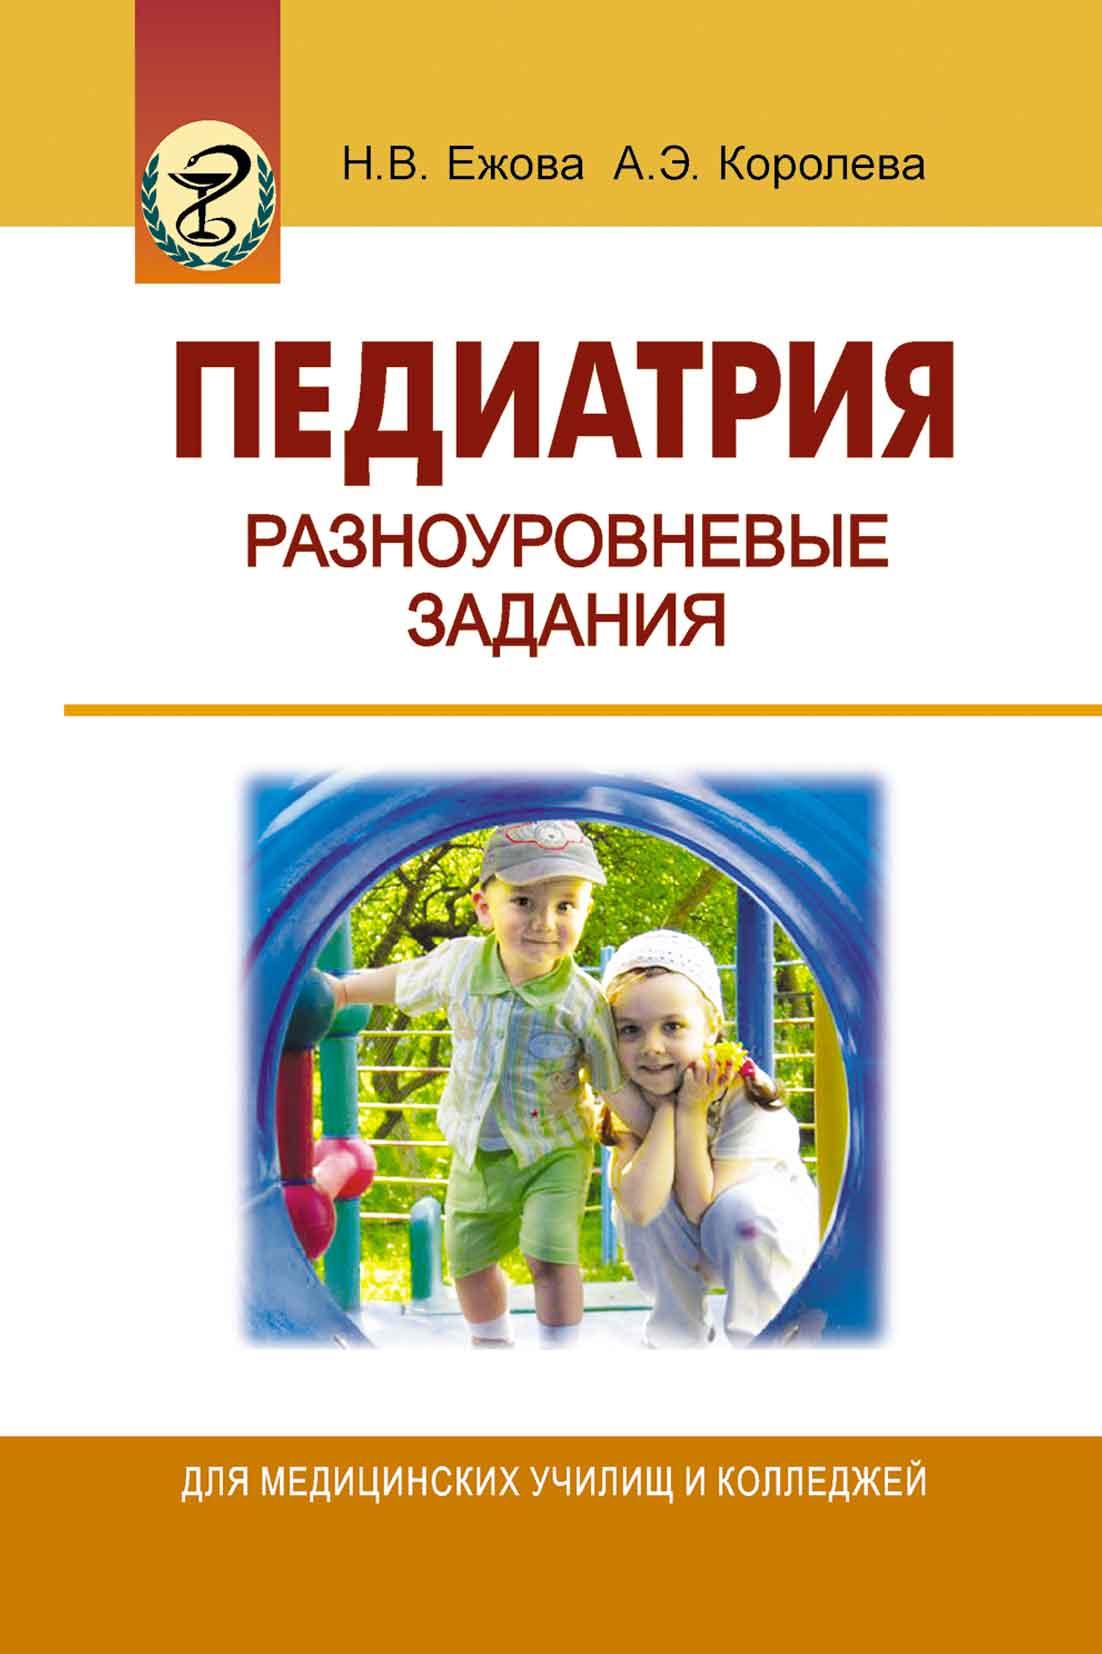 Н. В. Ежова Педиатрия. Разноуровневые задания коллектив авторов уход за здоровым и больным ребенком